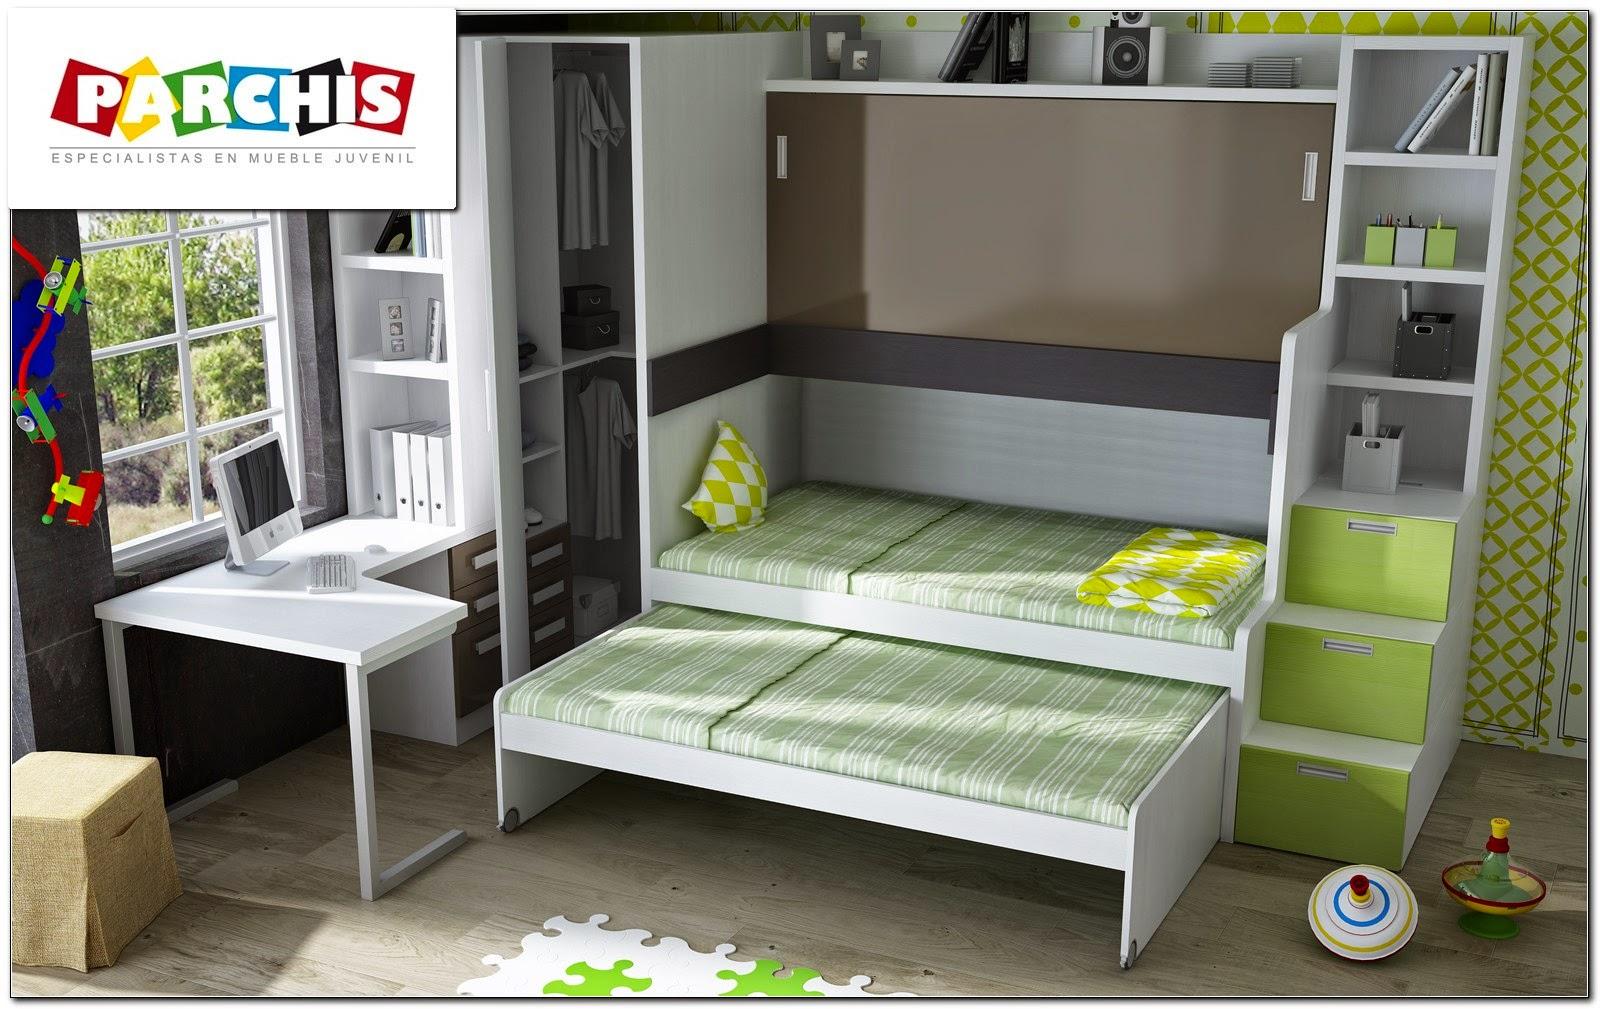 Muebles juveniles dormitorios infantiles y habitaciones juveniles en madrid son seguras las - Camas grandes ...